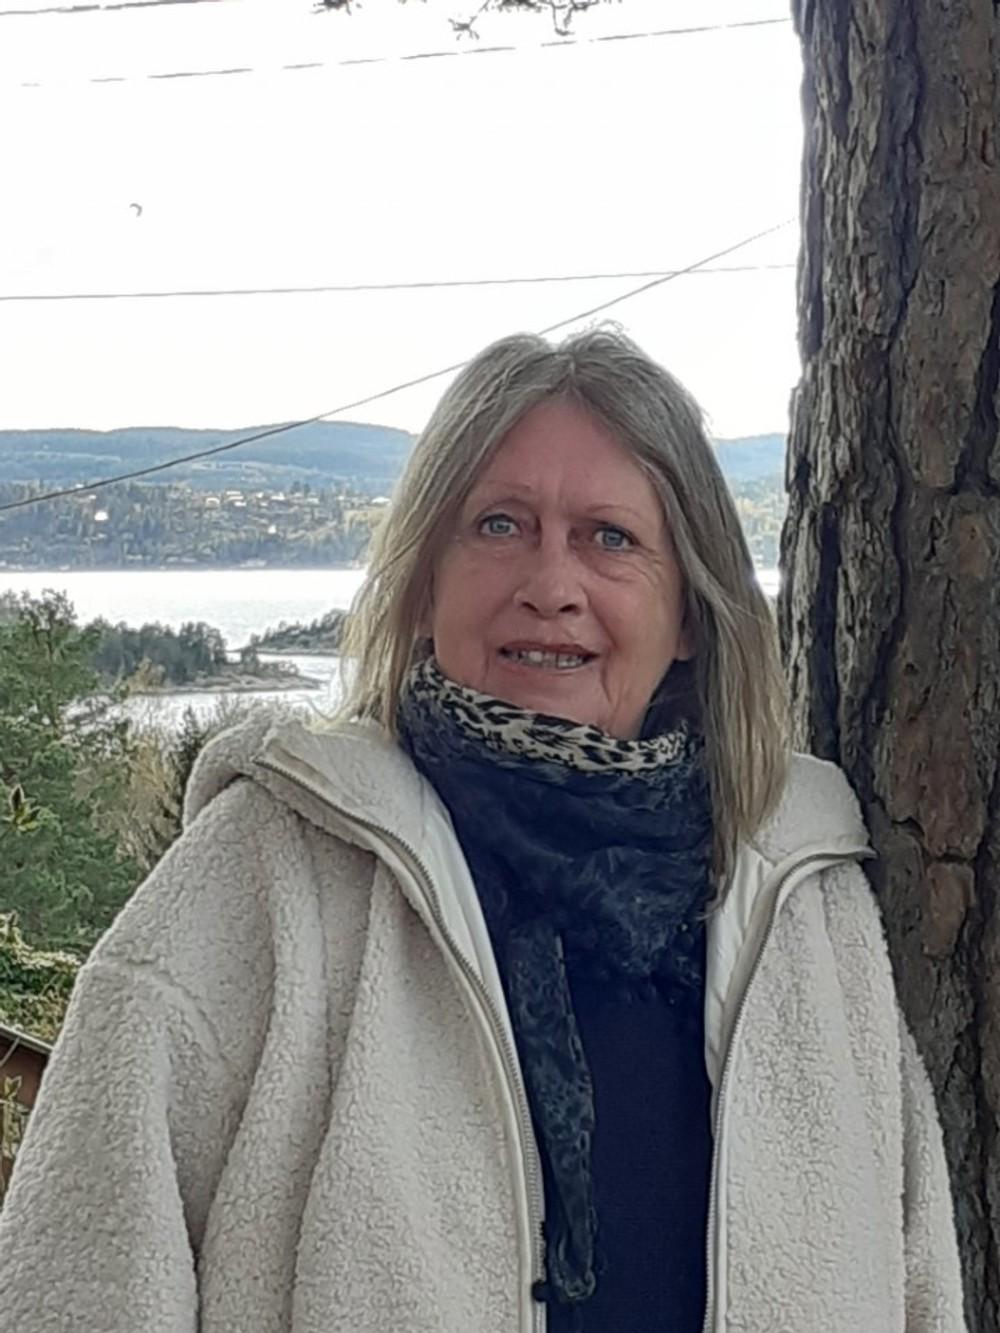 Ble kvalt til døde av norsk politi – nå kommer de vonde minnene tilbake